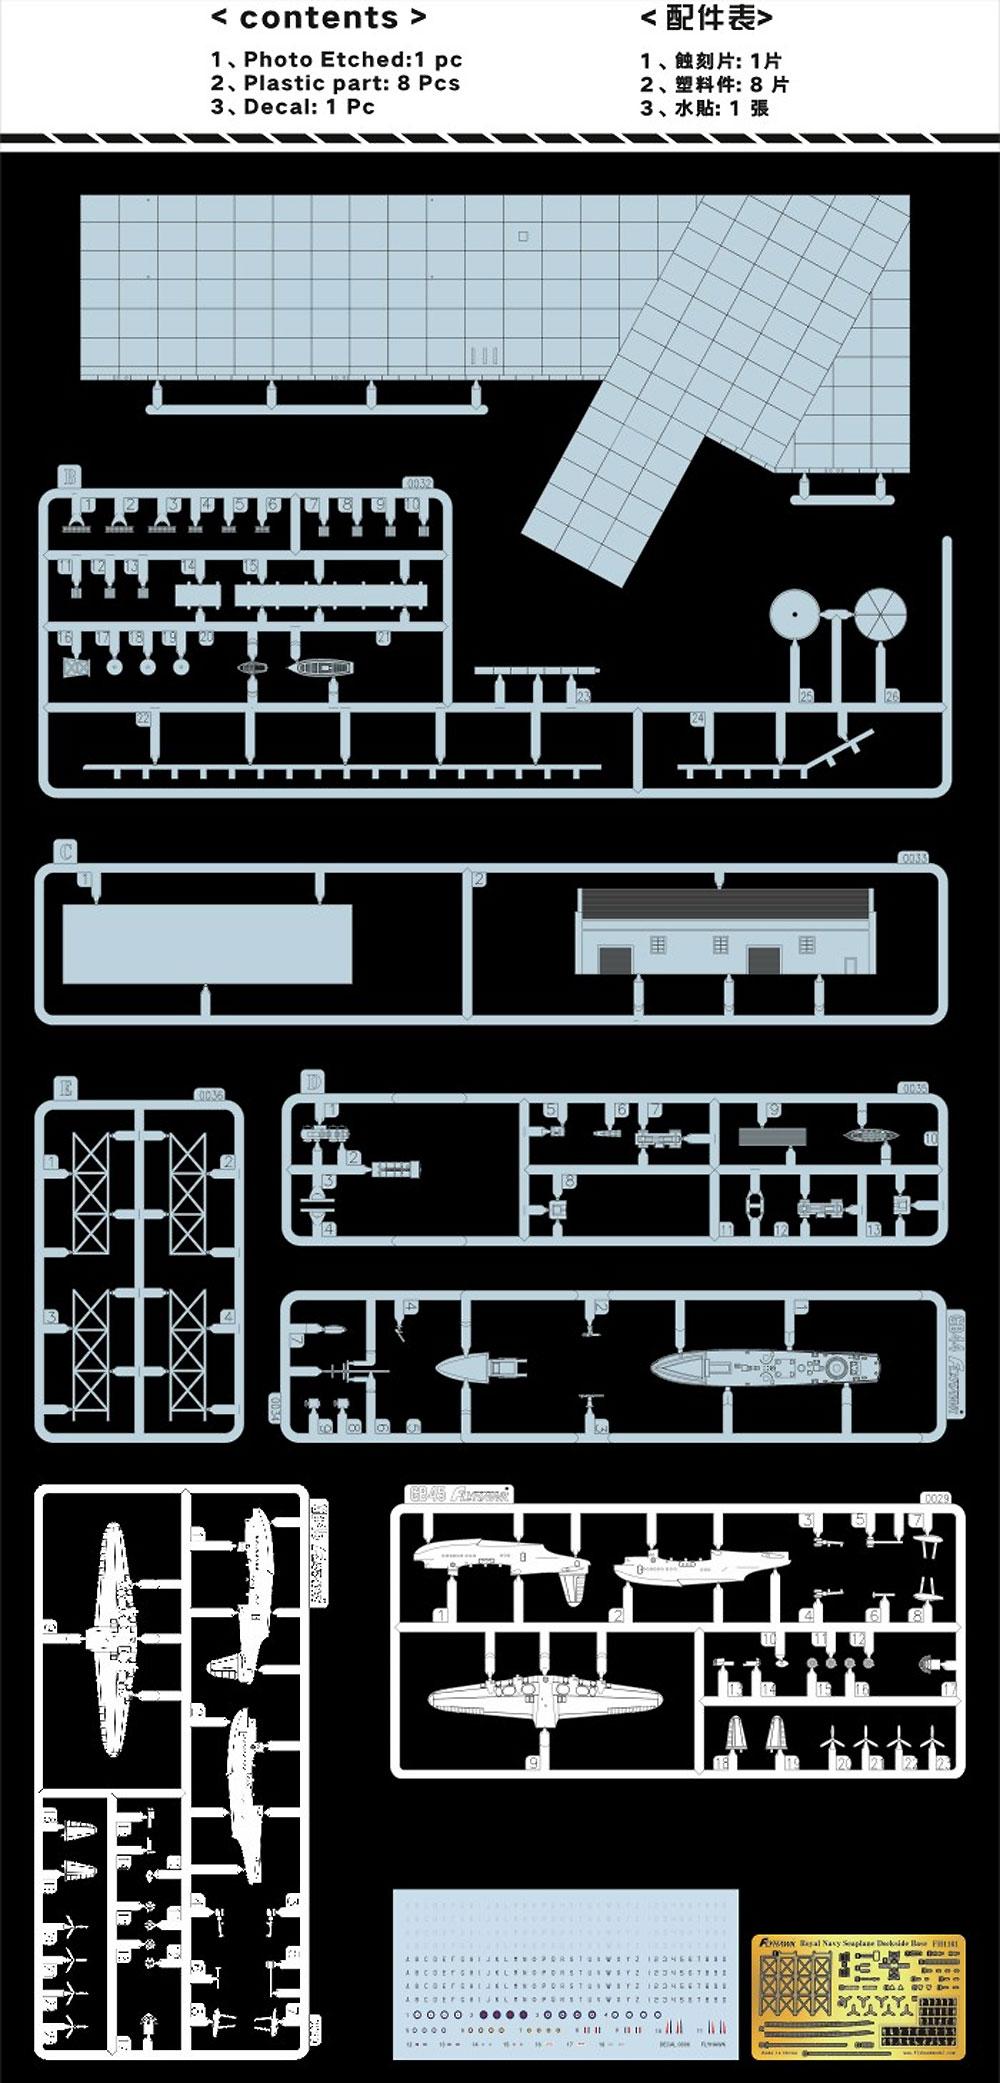 イギリス海軍 水上機基地プラモデル(フライホーク1/700 艦船No.FH1161)商品画像_1